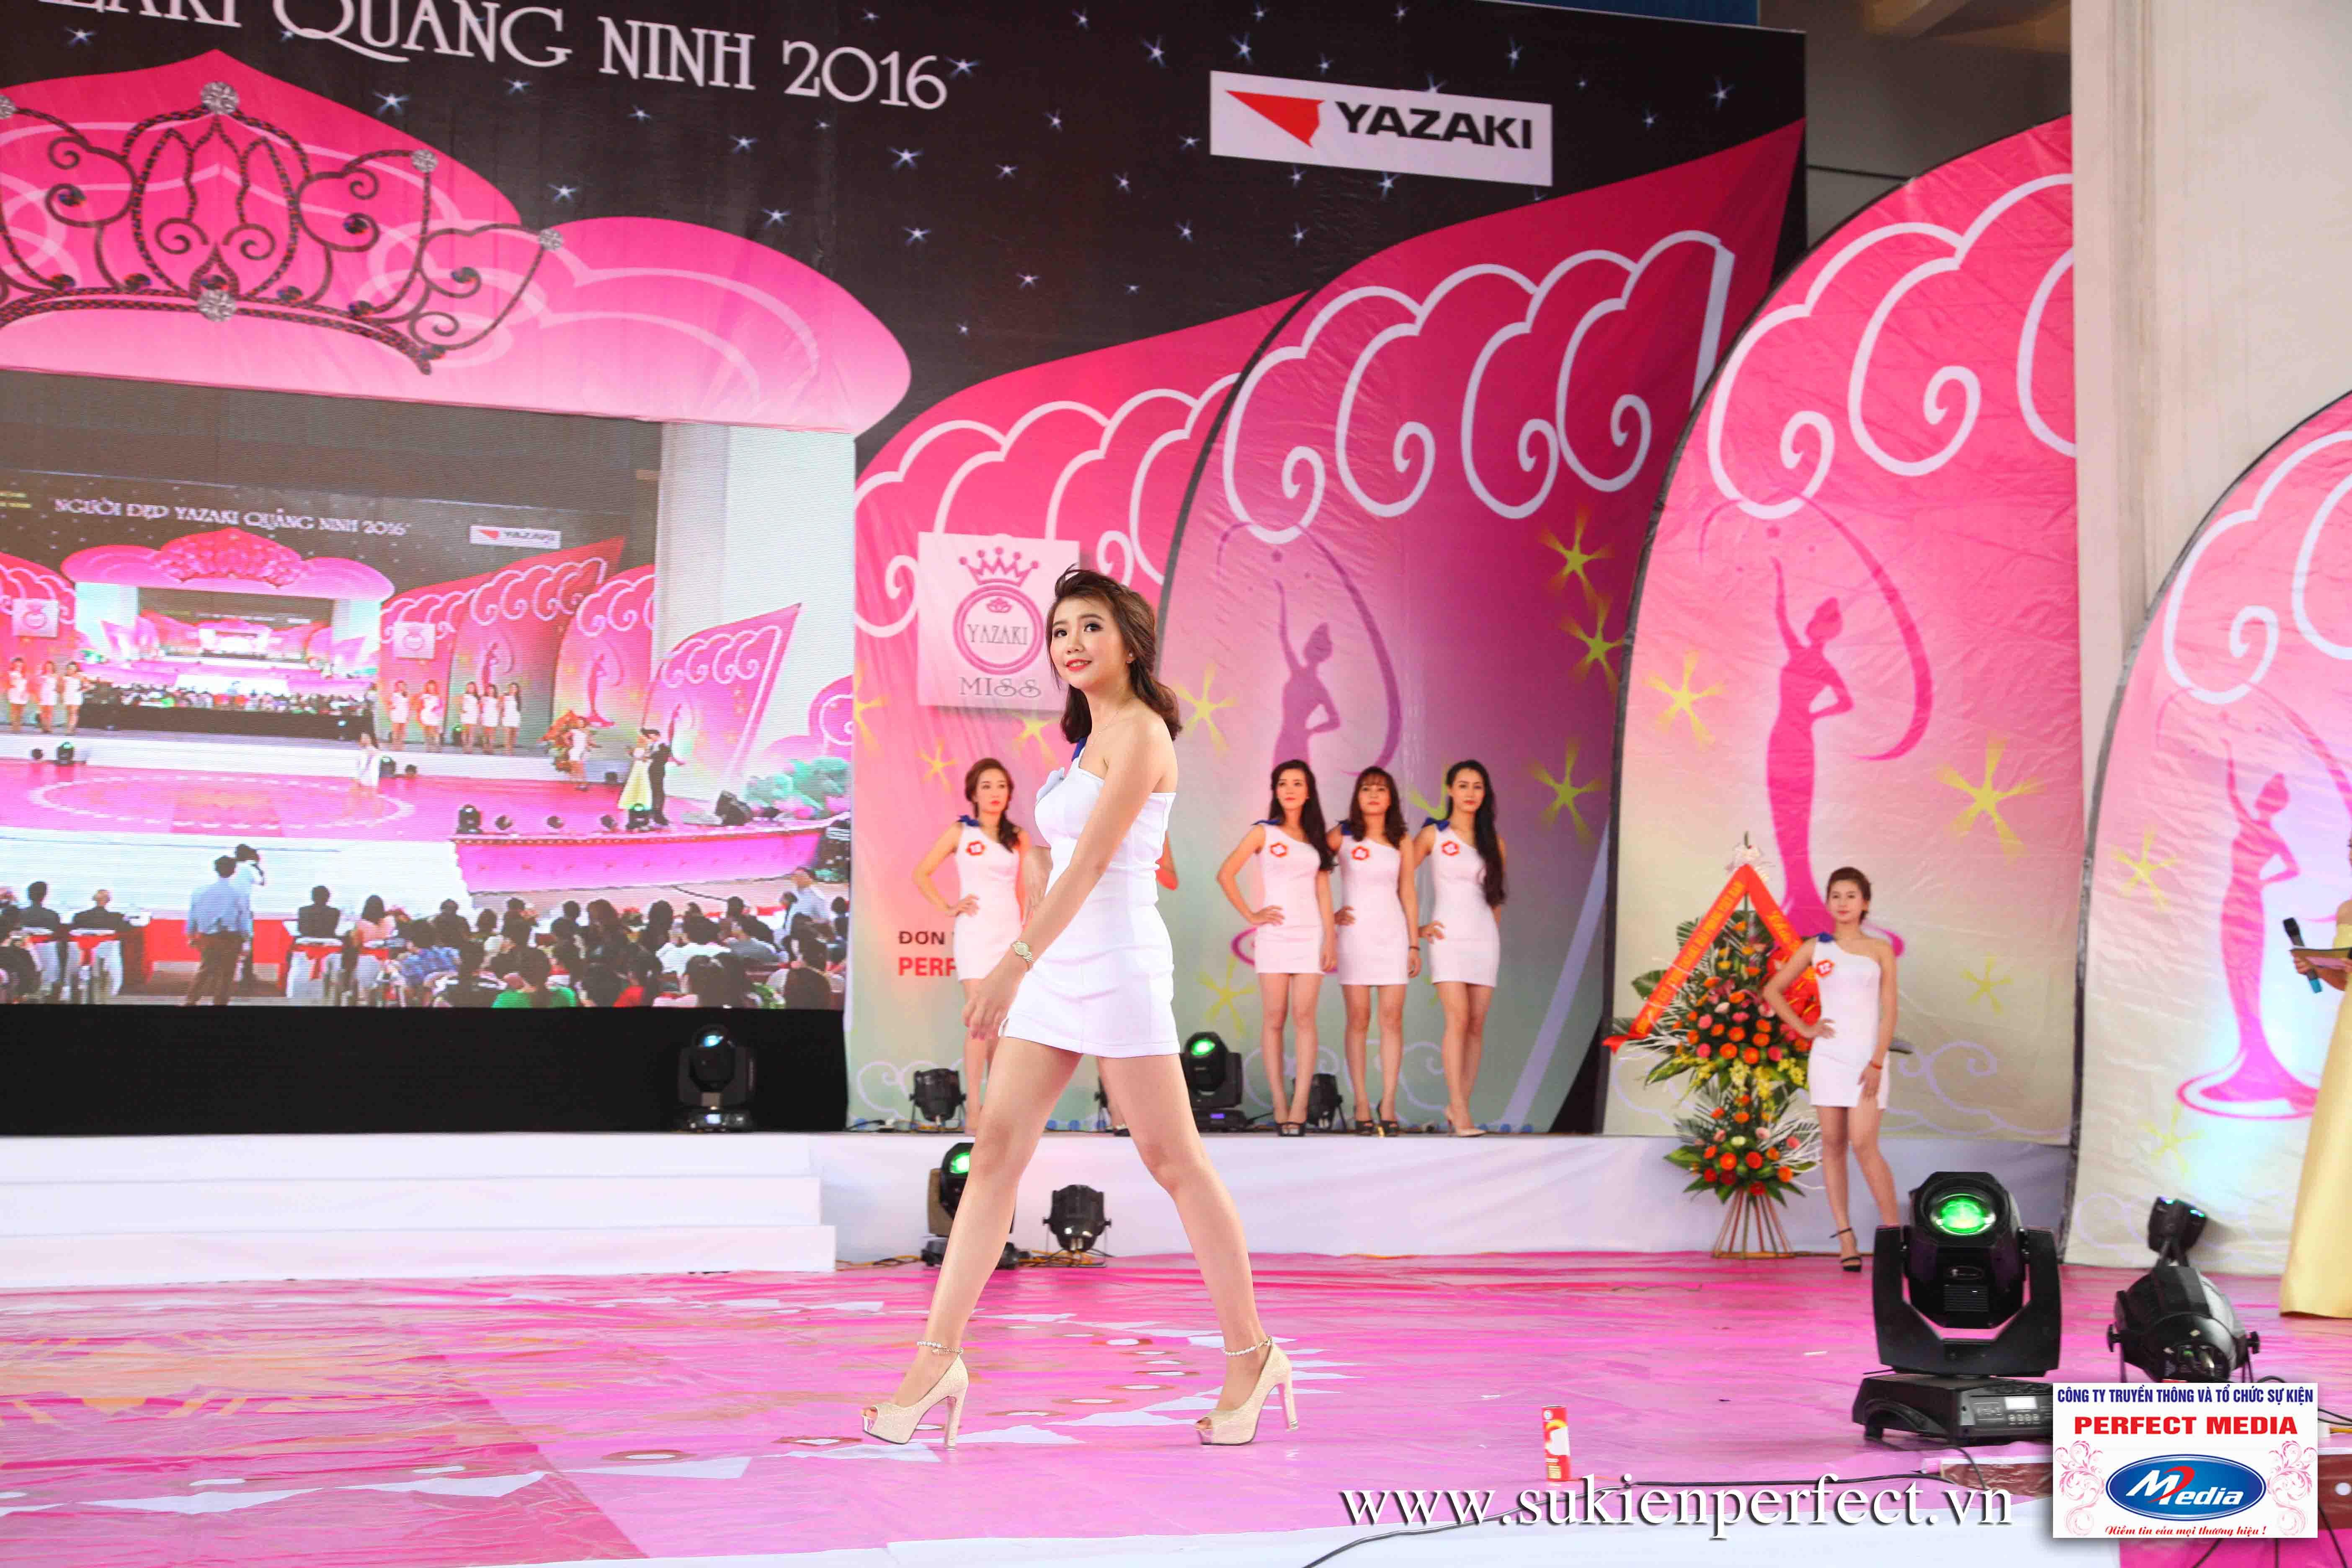 Hình ảnh các thí sinh trong cuộc thi Người đẹp Yazaki Quảng Ninh 2016 (Hình thể) 06